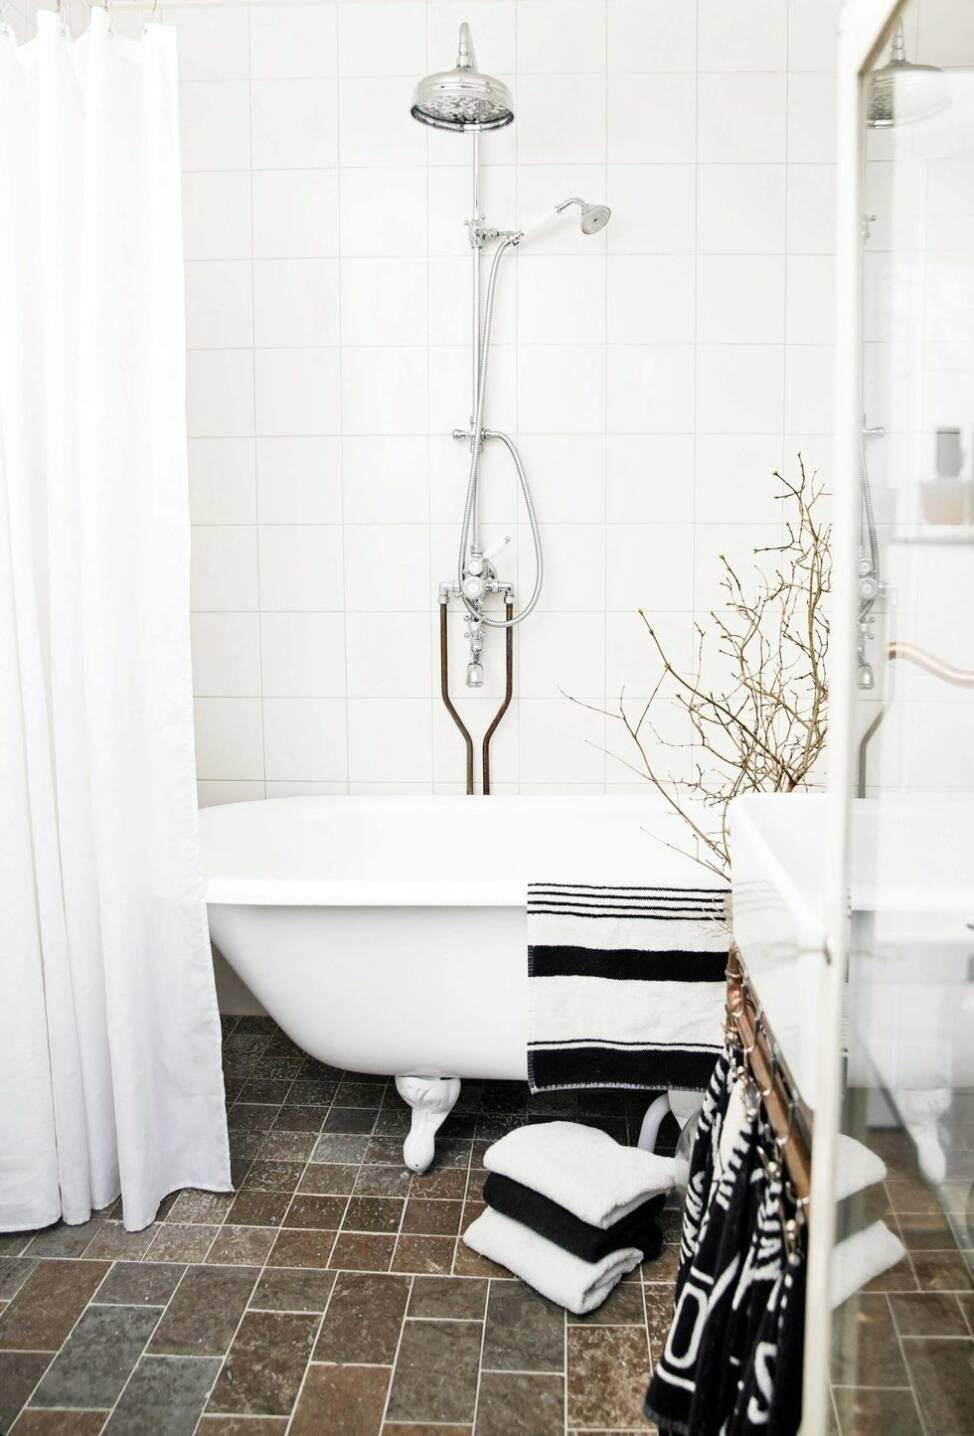 Så här skapar du ett lyxigt badrum med koppardetaljer